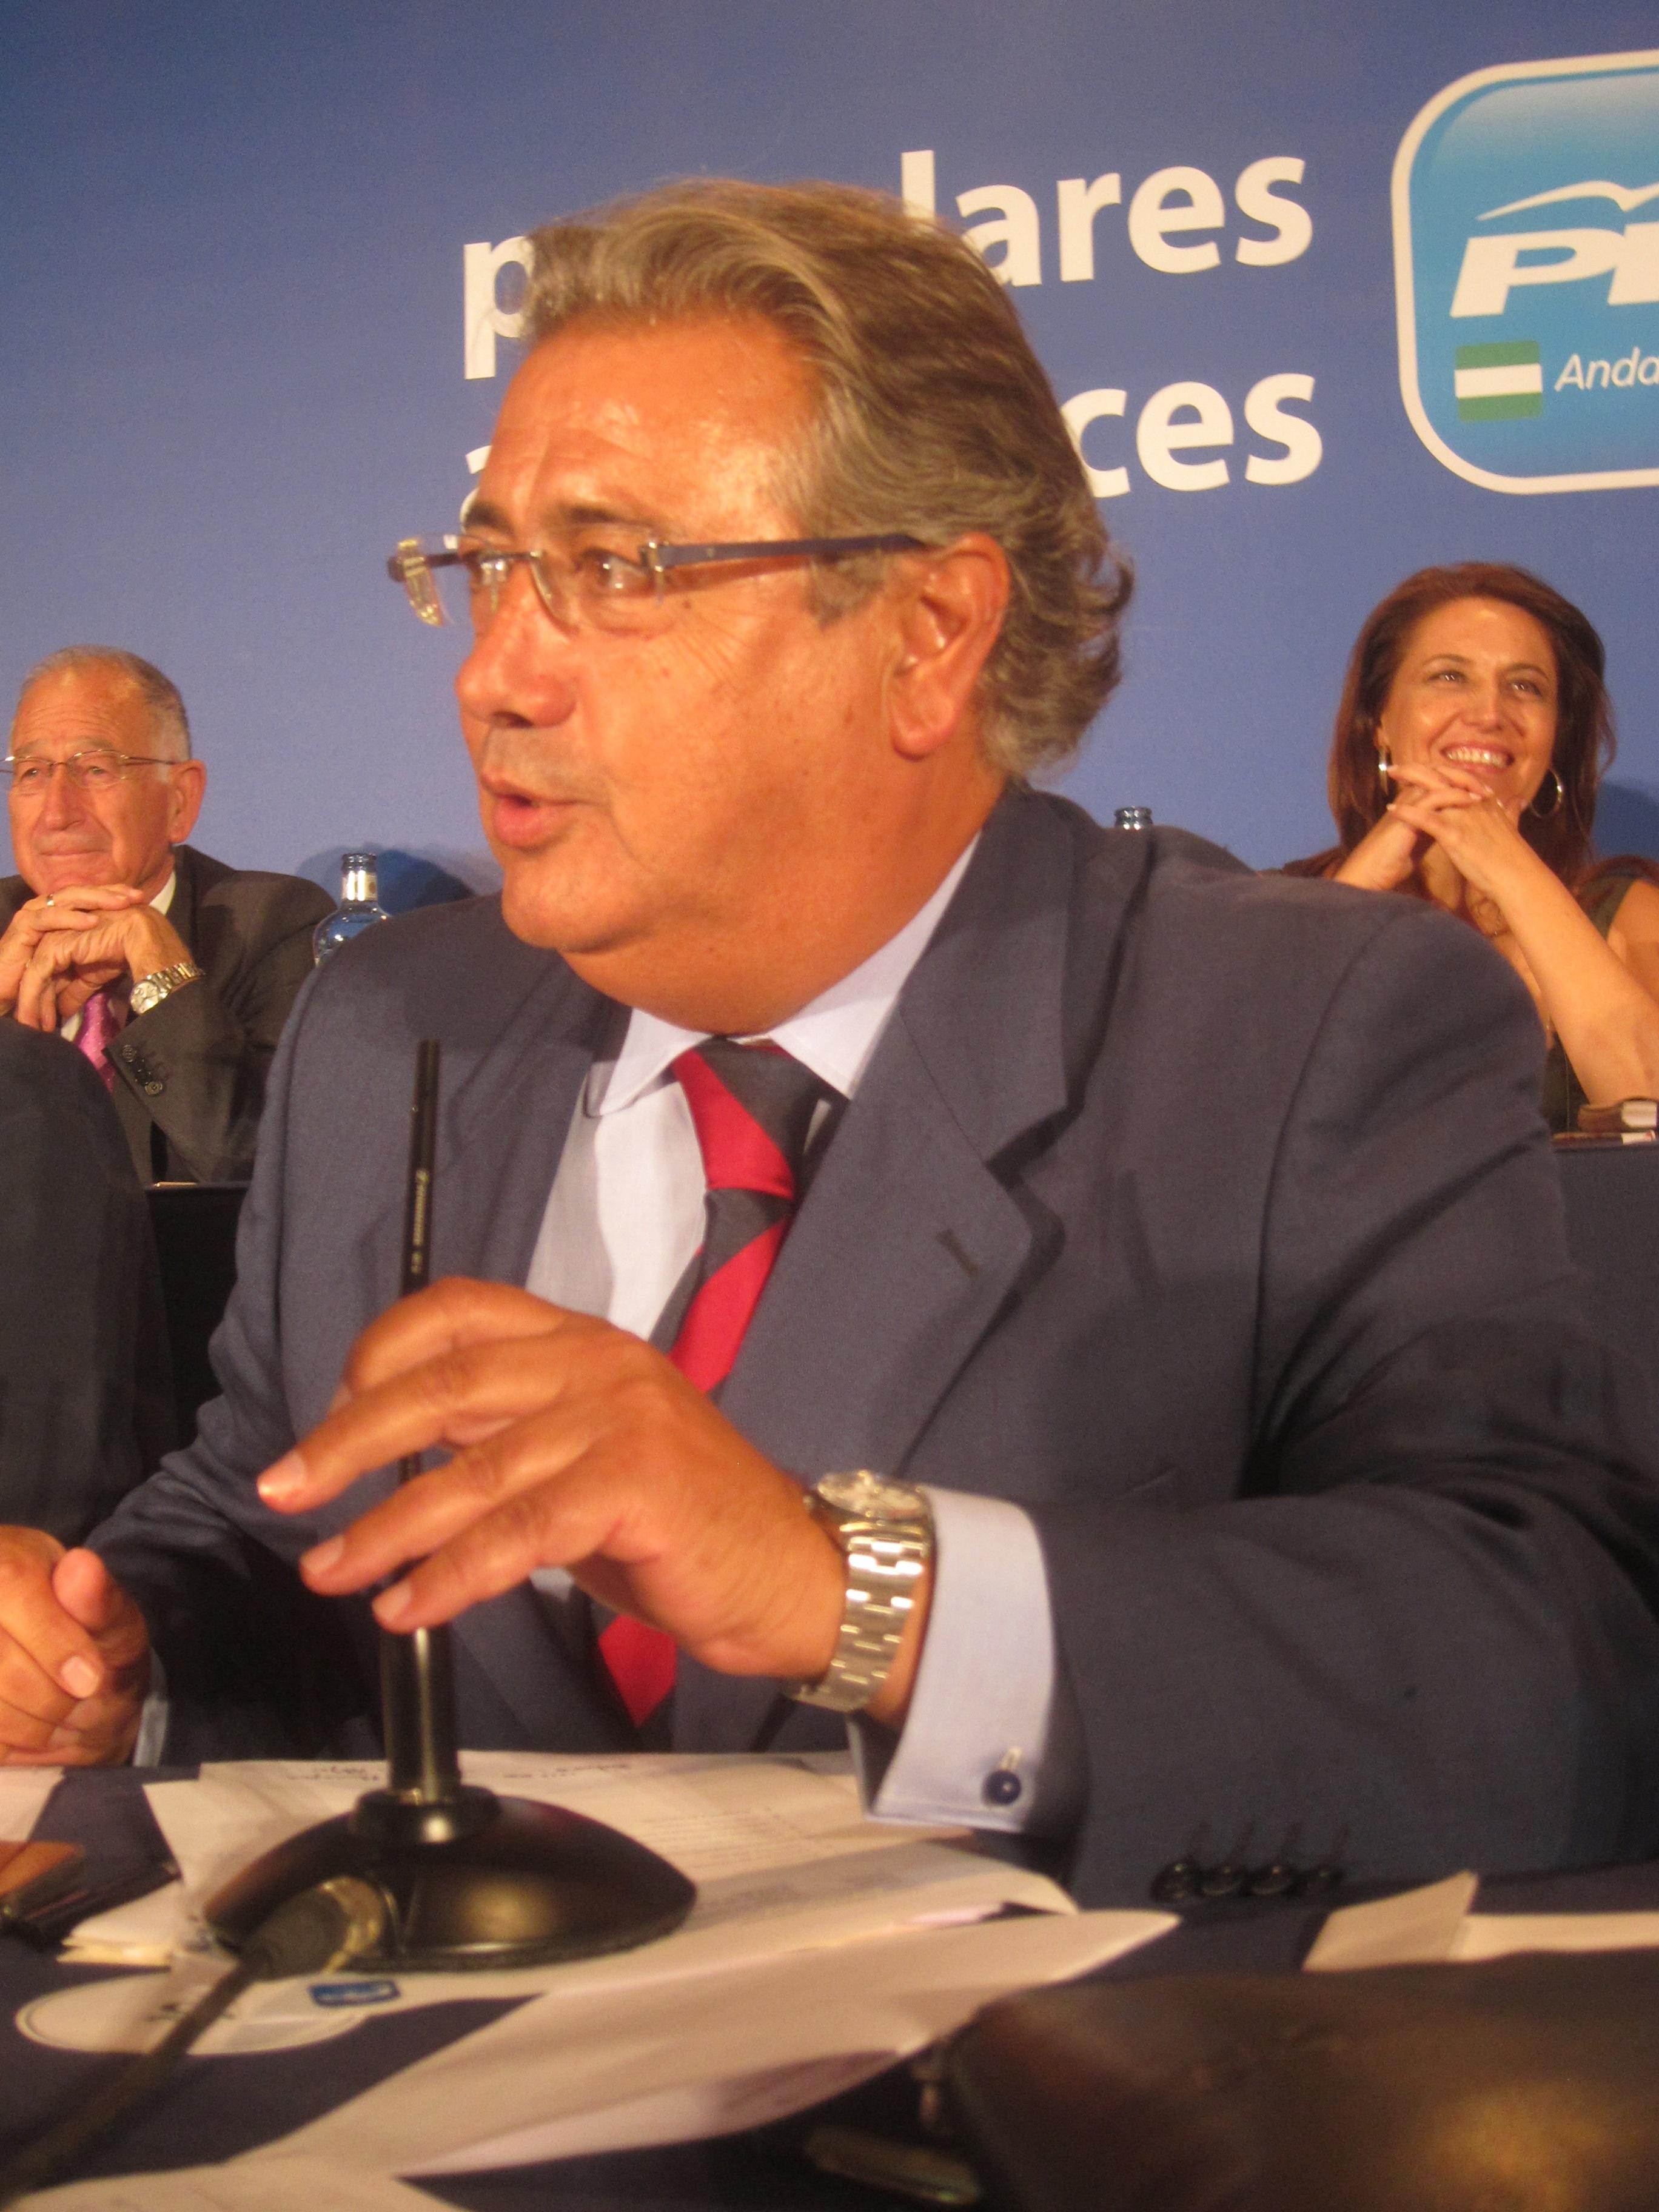 Zoido pide a Díaz que «dé la cara» y explique «qué es lo que ha pasado con los millones perdidos que llevan su firma»